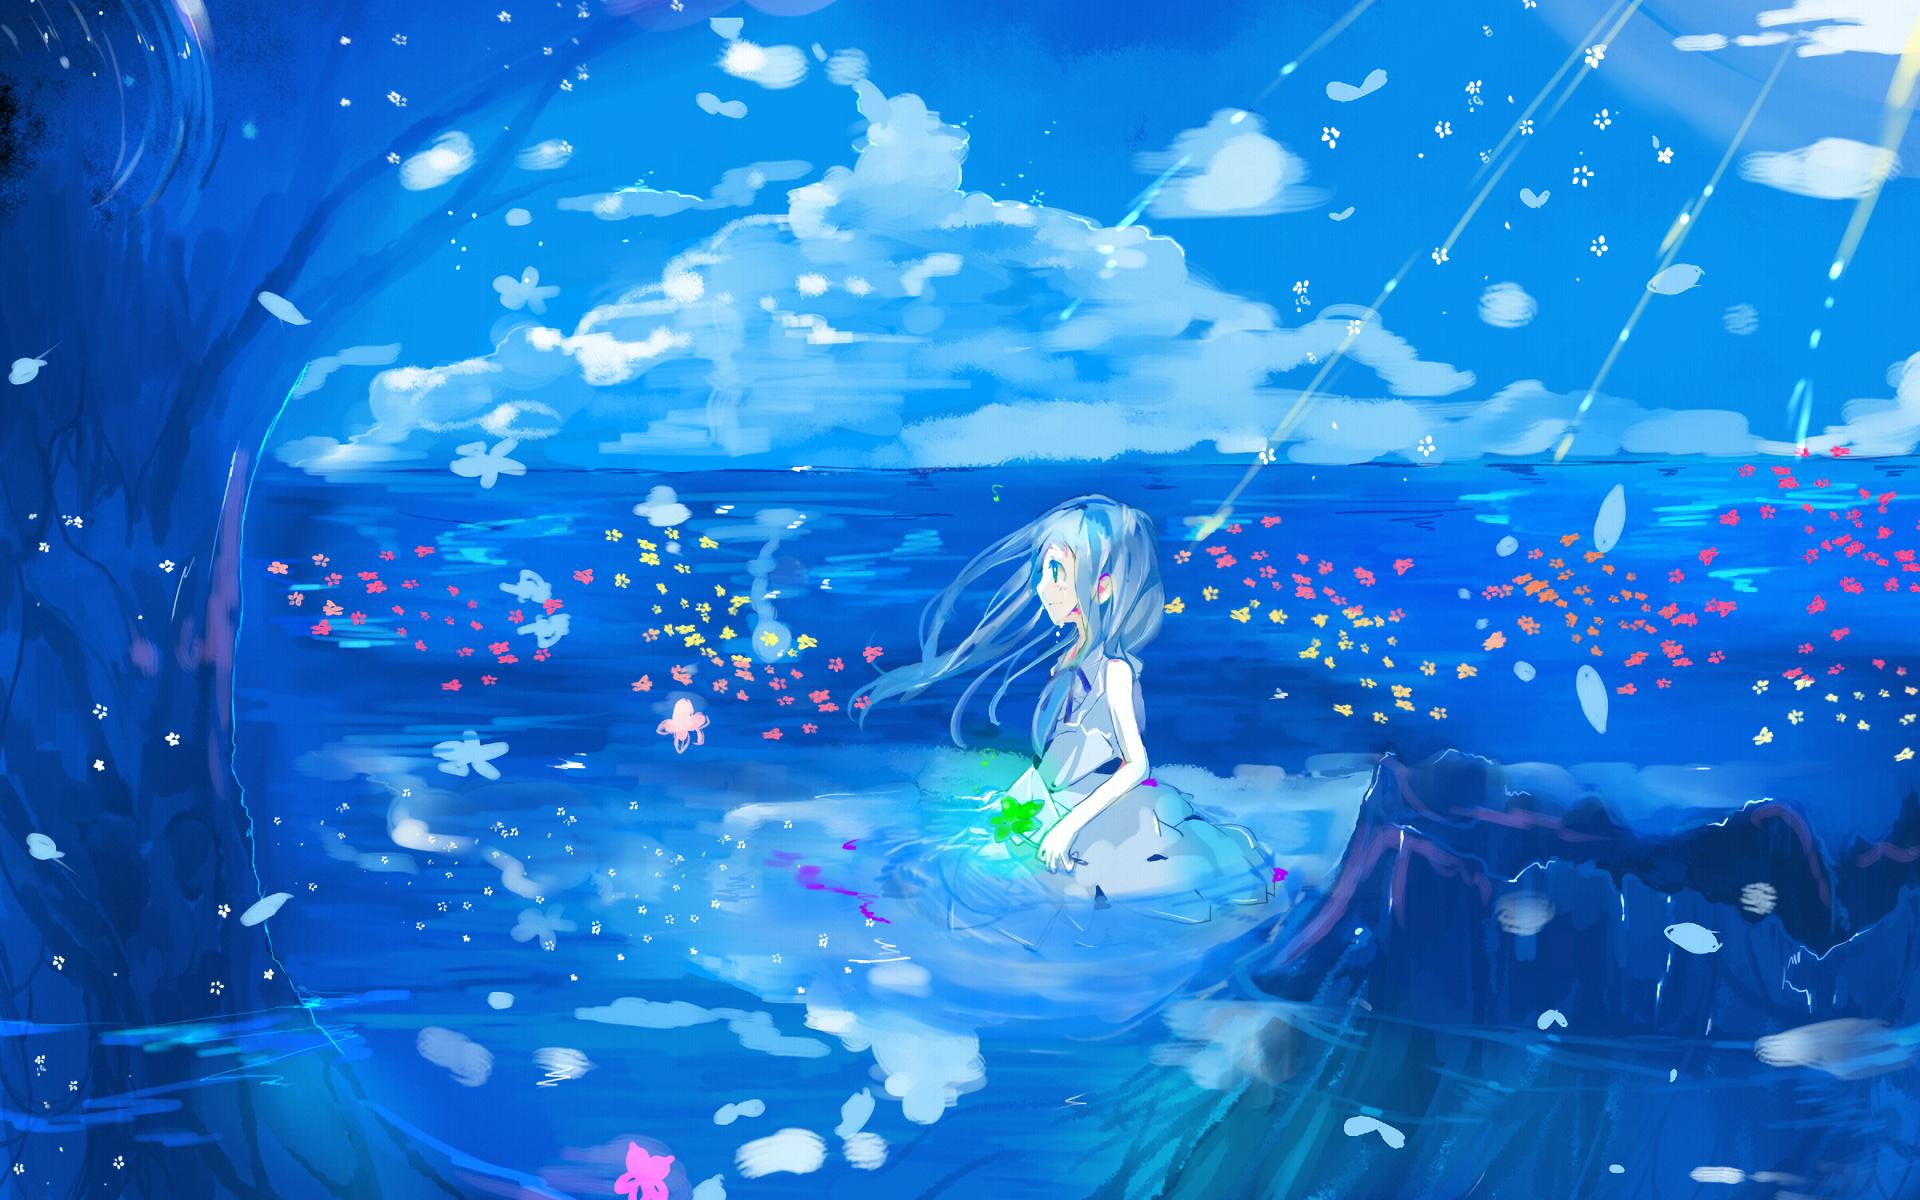 Anime - Anohana  Meiko Honma Wallpaper